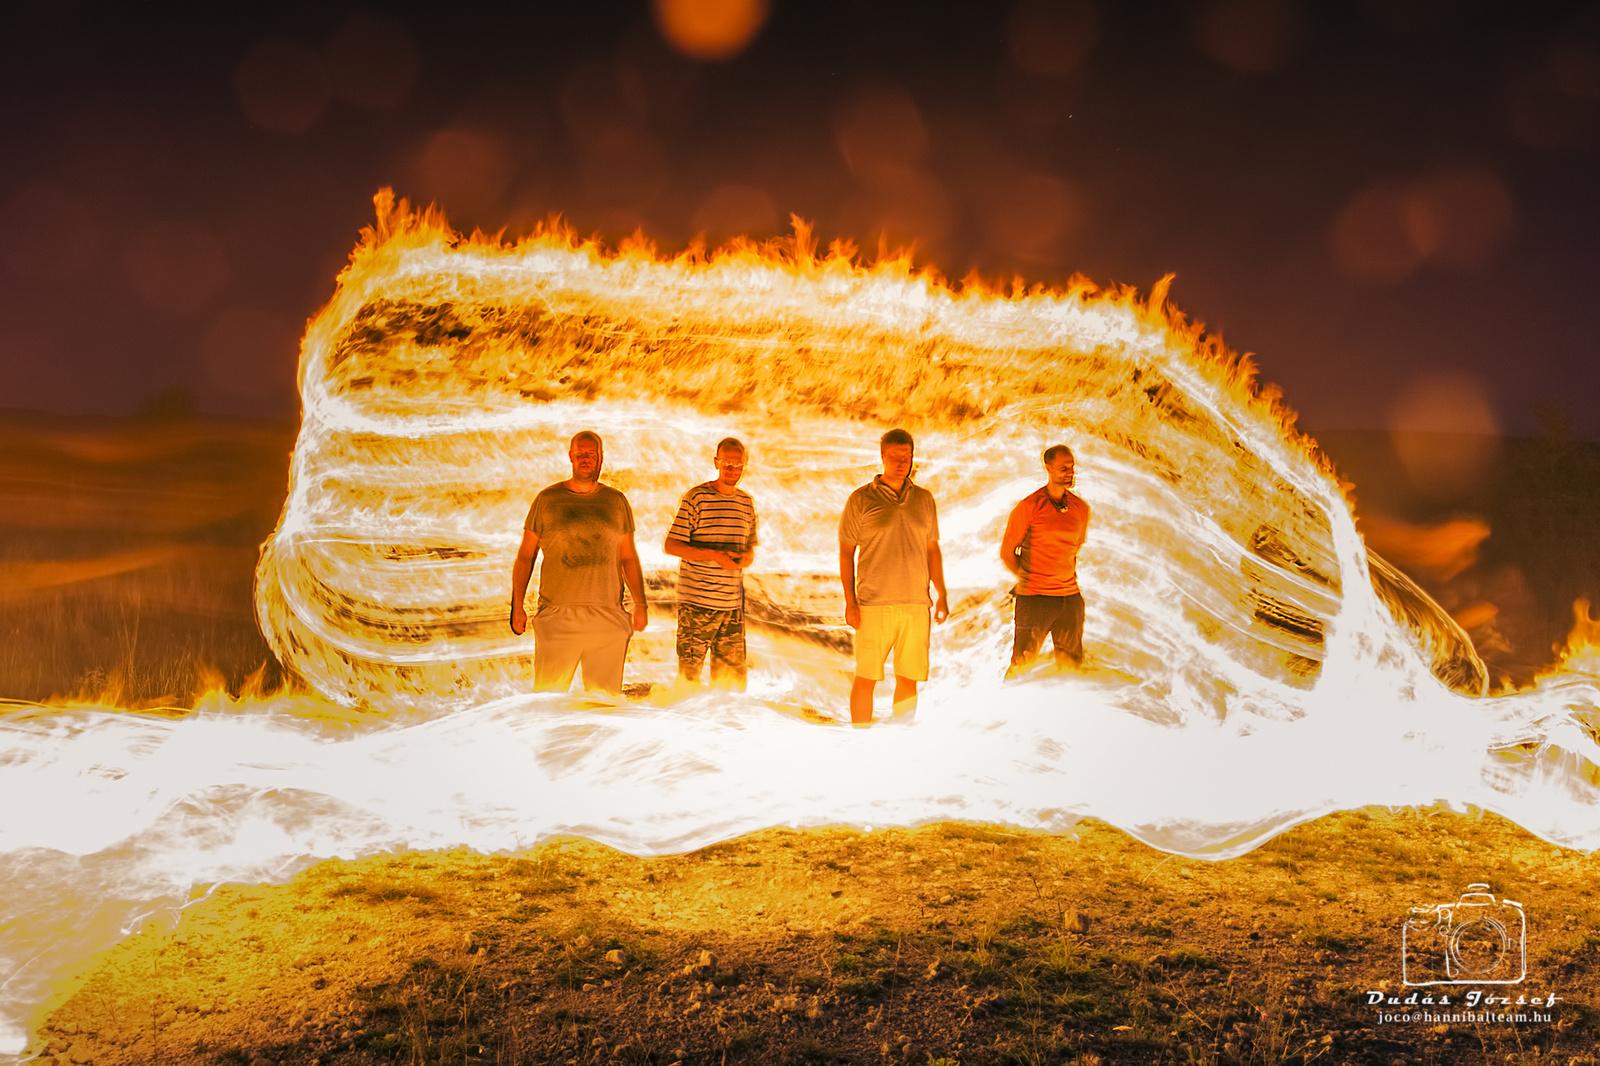 Tűzben edzett férfiak